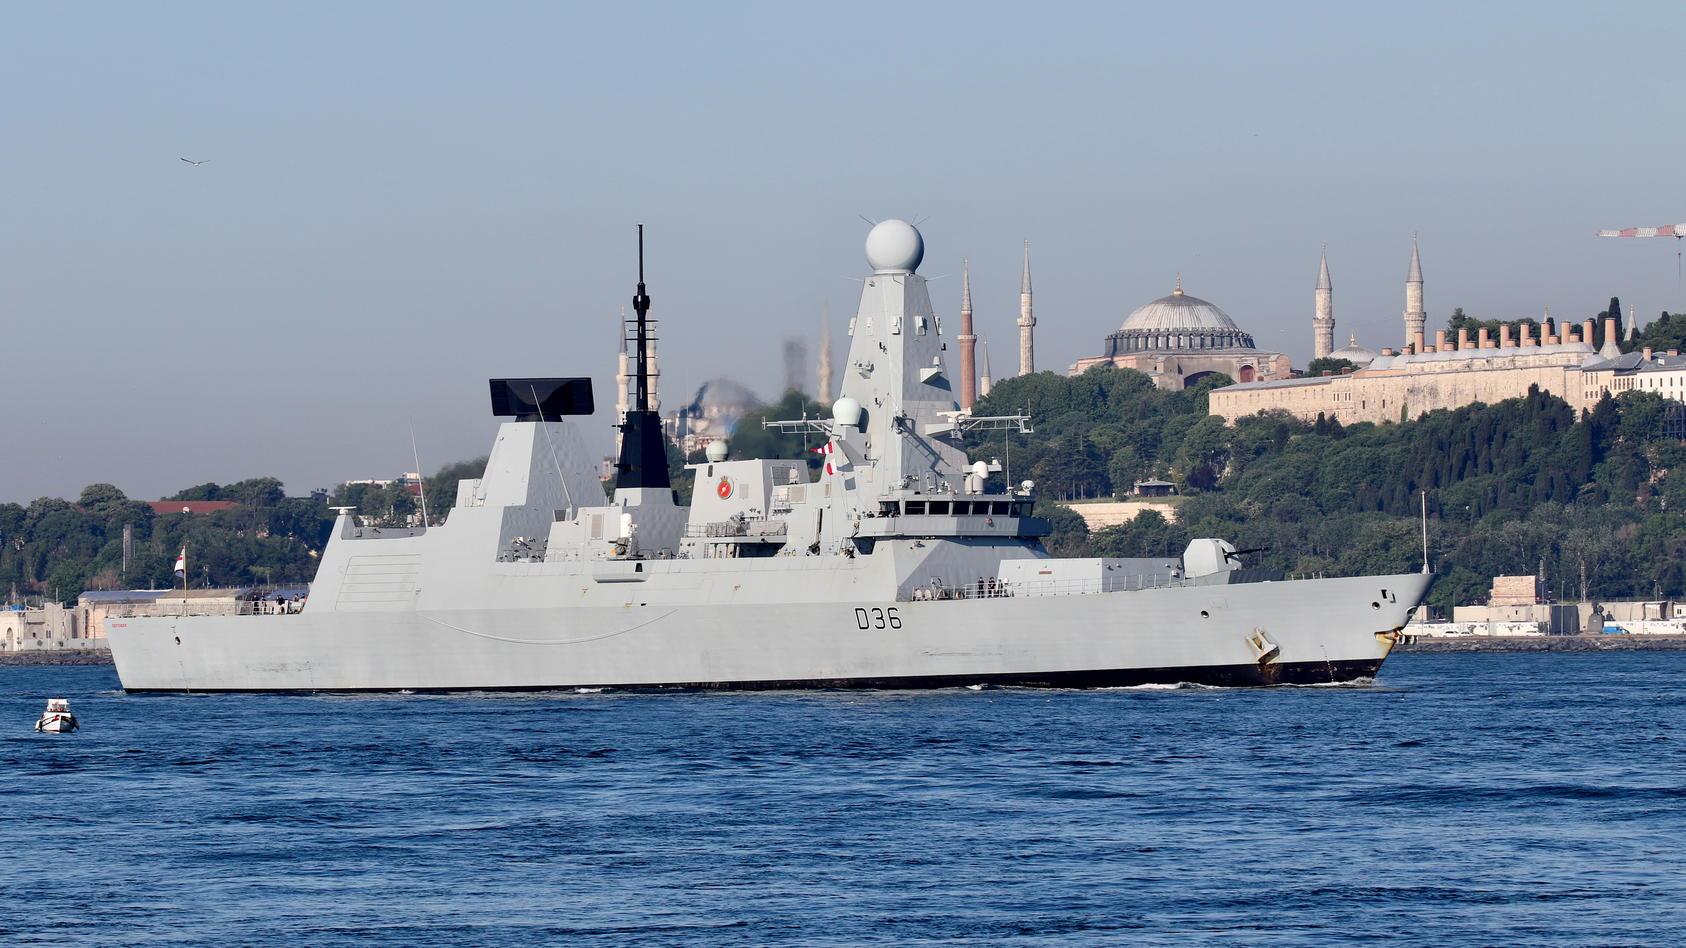 Das britische Kriegsschiff HMS Defender soll in russische Gewässer eingedrungen sein